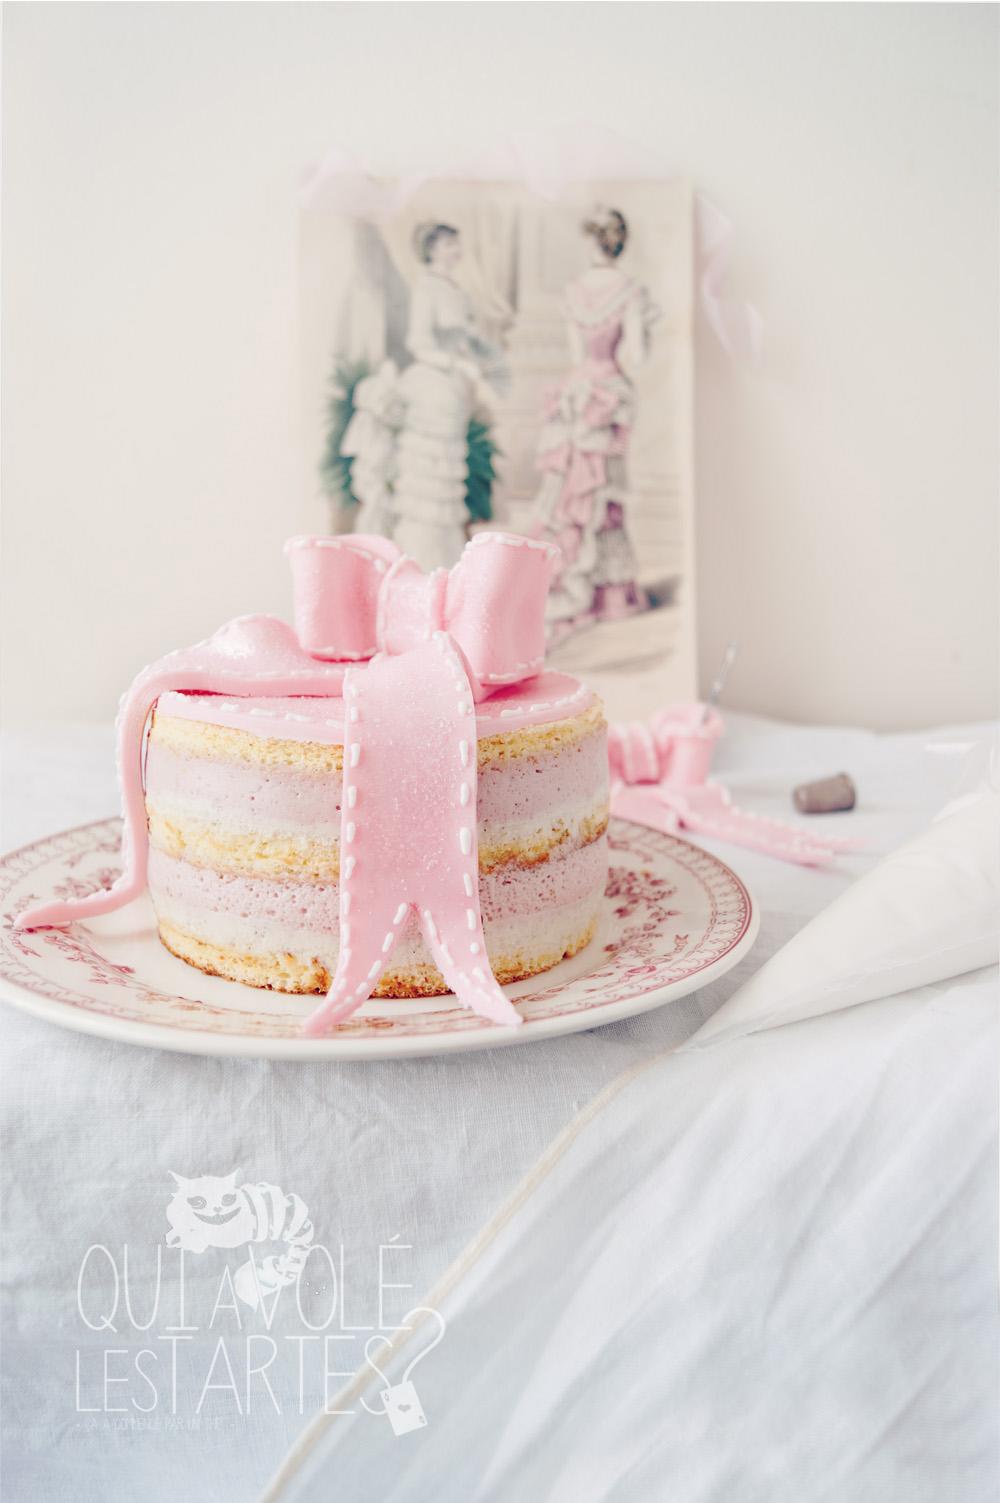 Charlotte couture en layer cake 3 - studio de création - Qui a volé les tartes